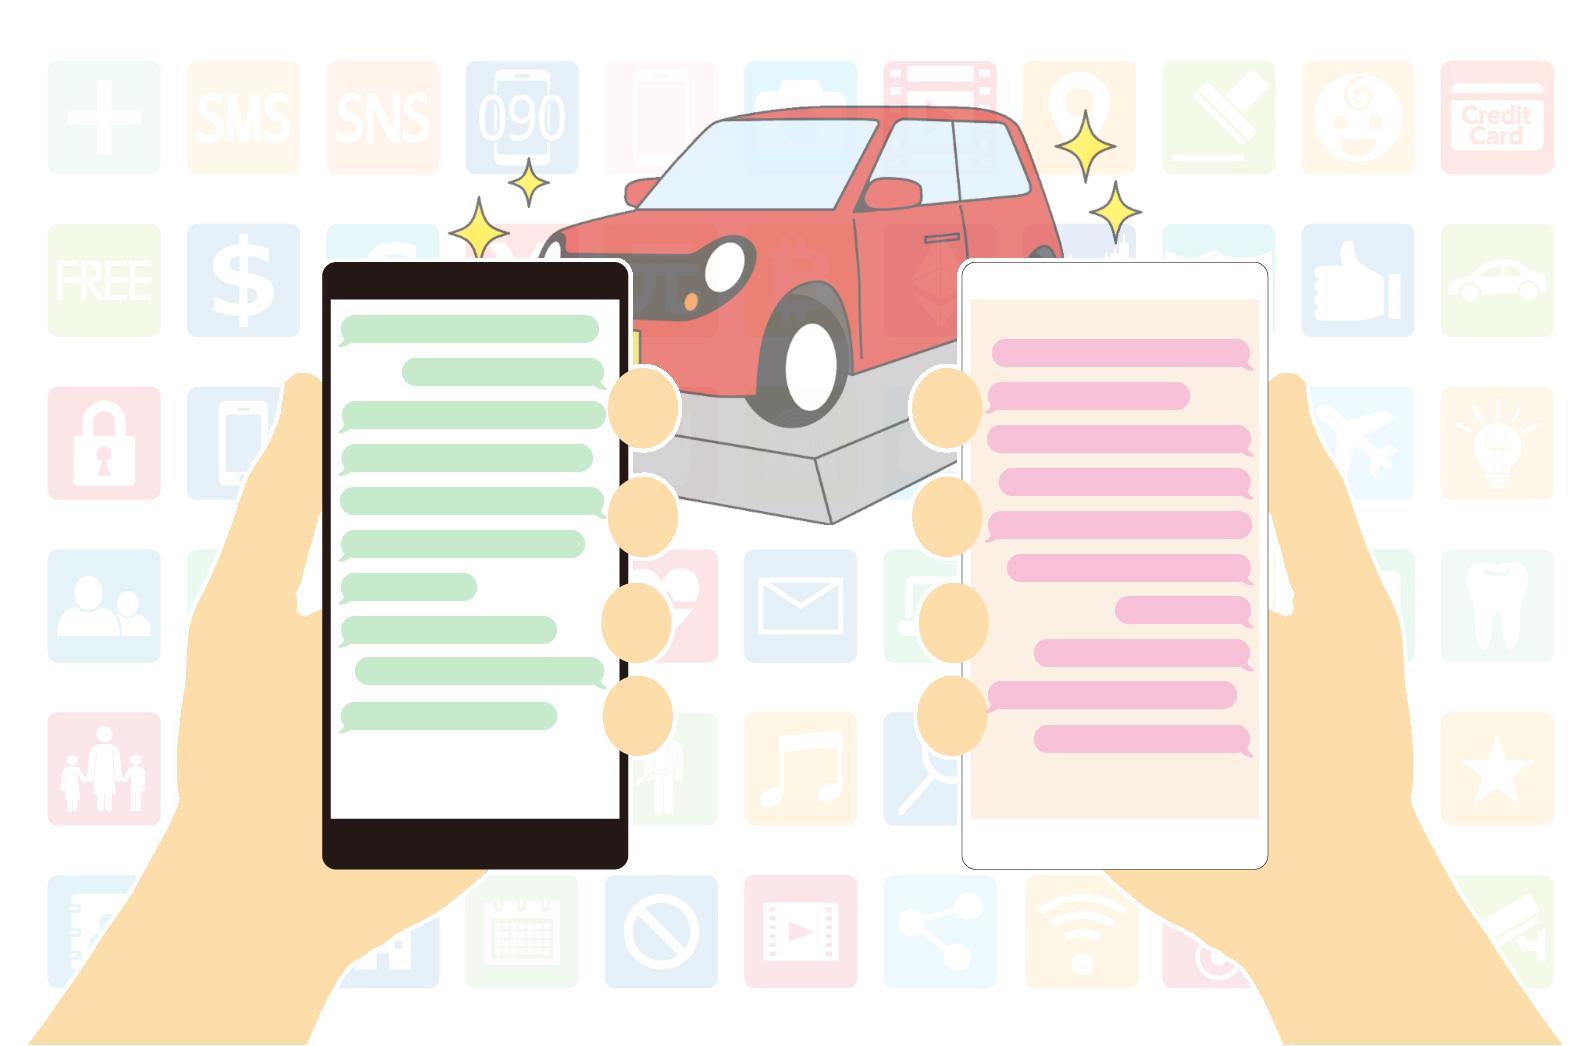 ショートメッセージサービス(SMS)